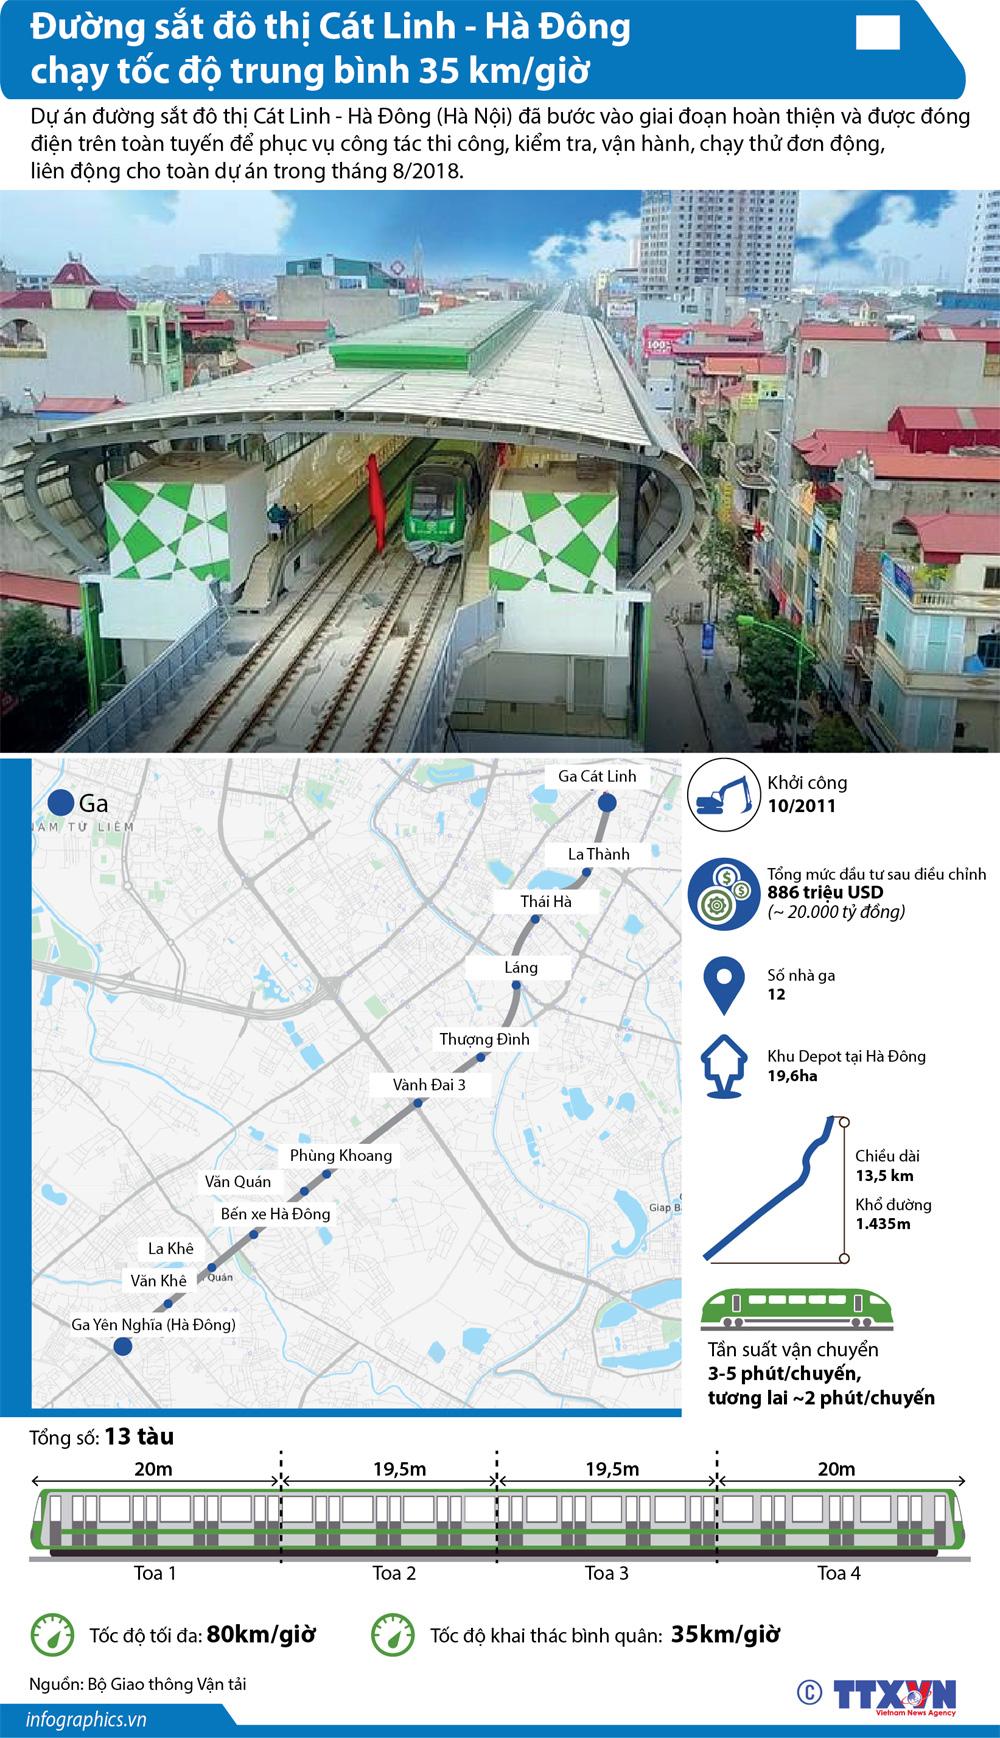 đường sắt đô thị, đường sắt đô thị Cát Linh-Hà Đông, giai đoạn hoàn thiện, giai đoạn chạy thủ, thi công, kiểm tra, vận hành